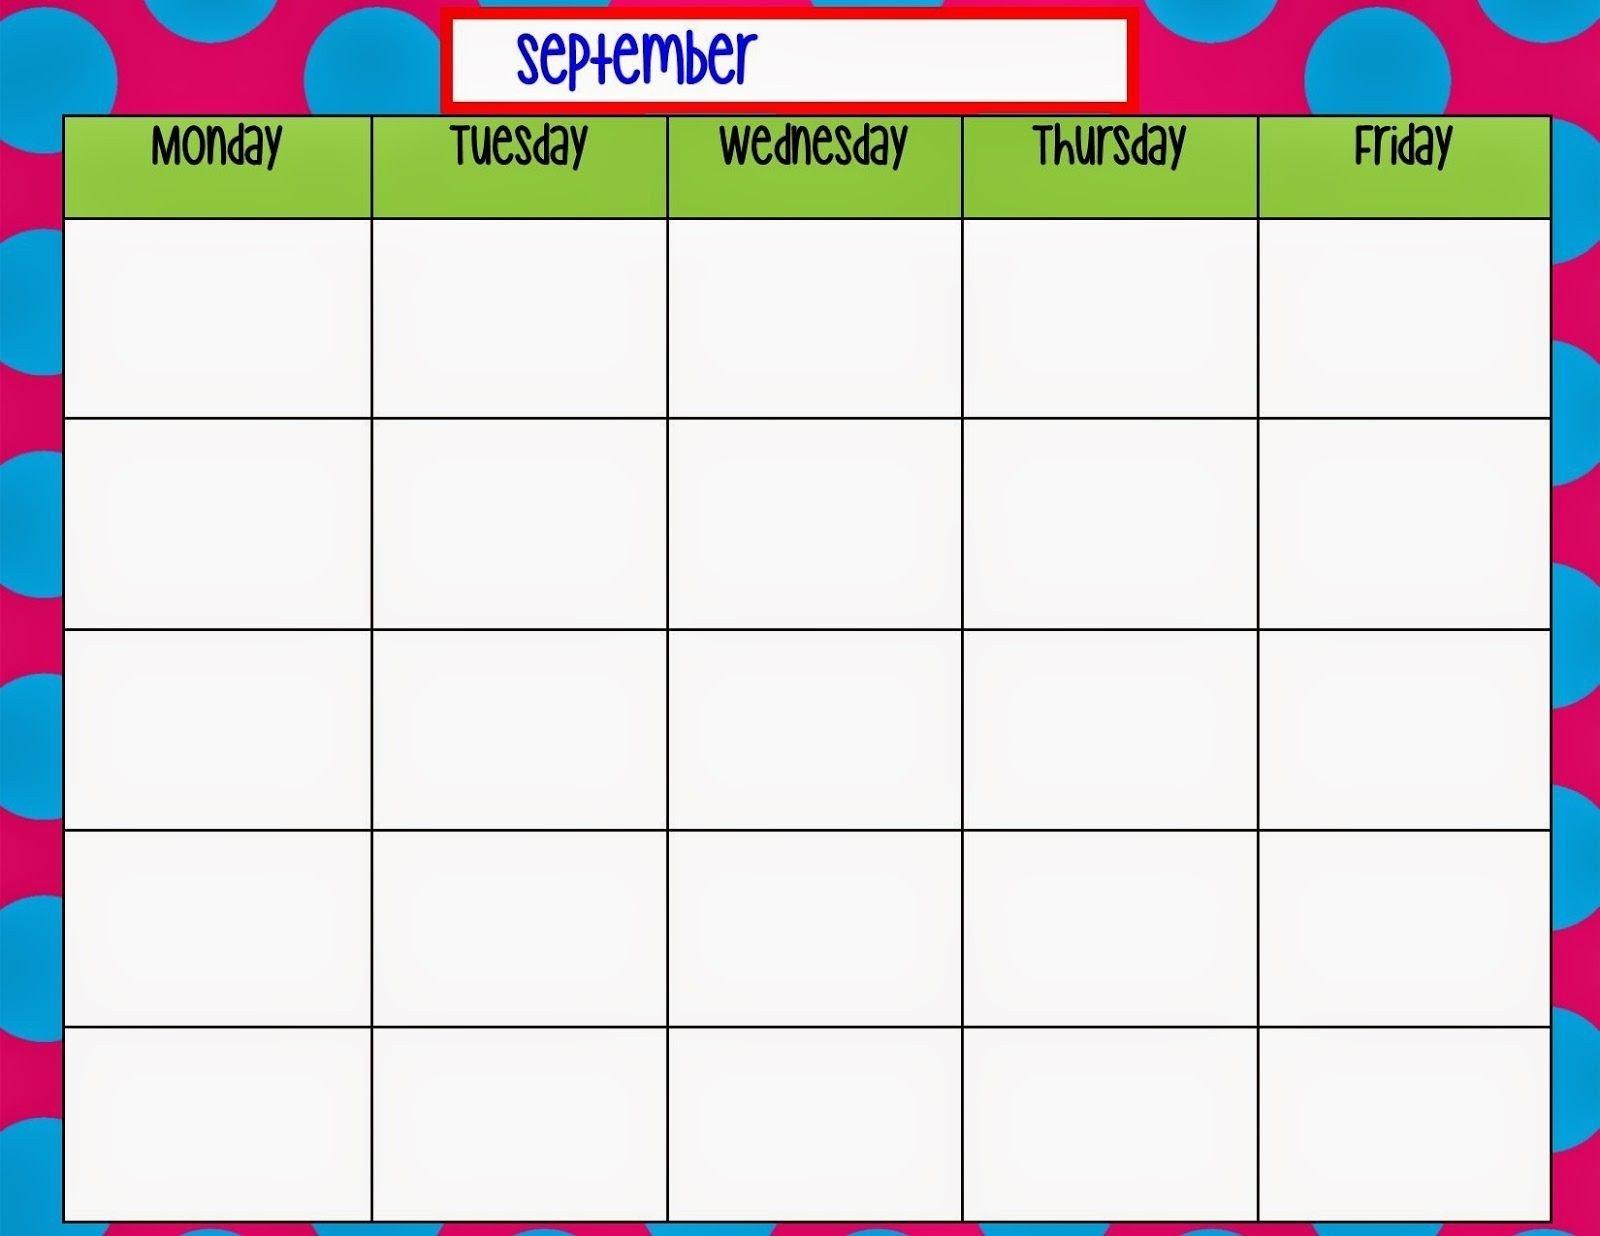 Monday To Friday Blank Calendar | Calendar Template Printable Calendar Template Monday To Friday